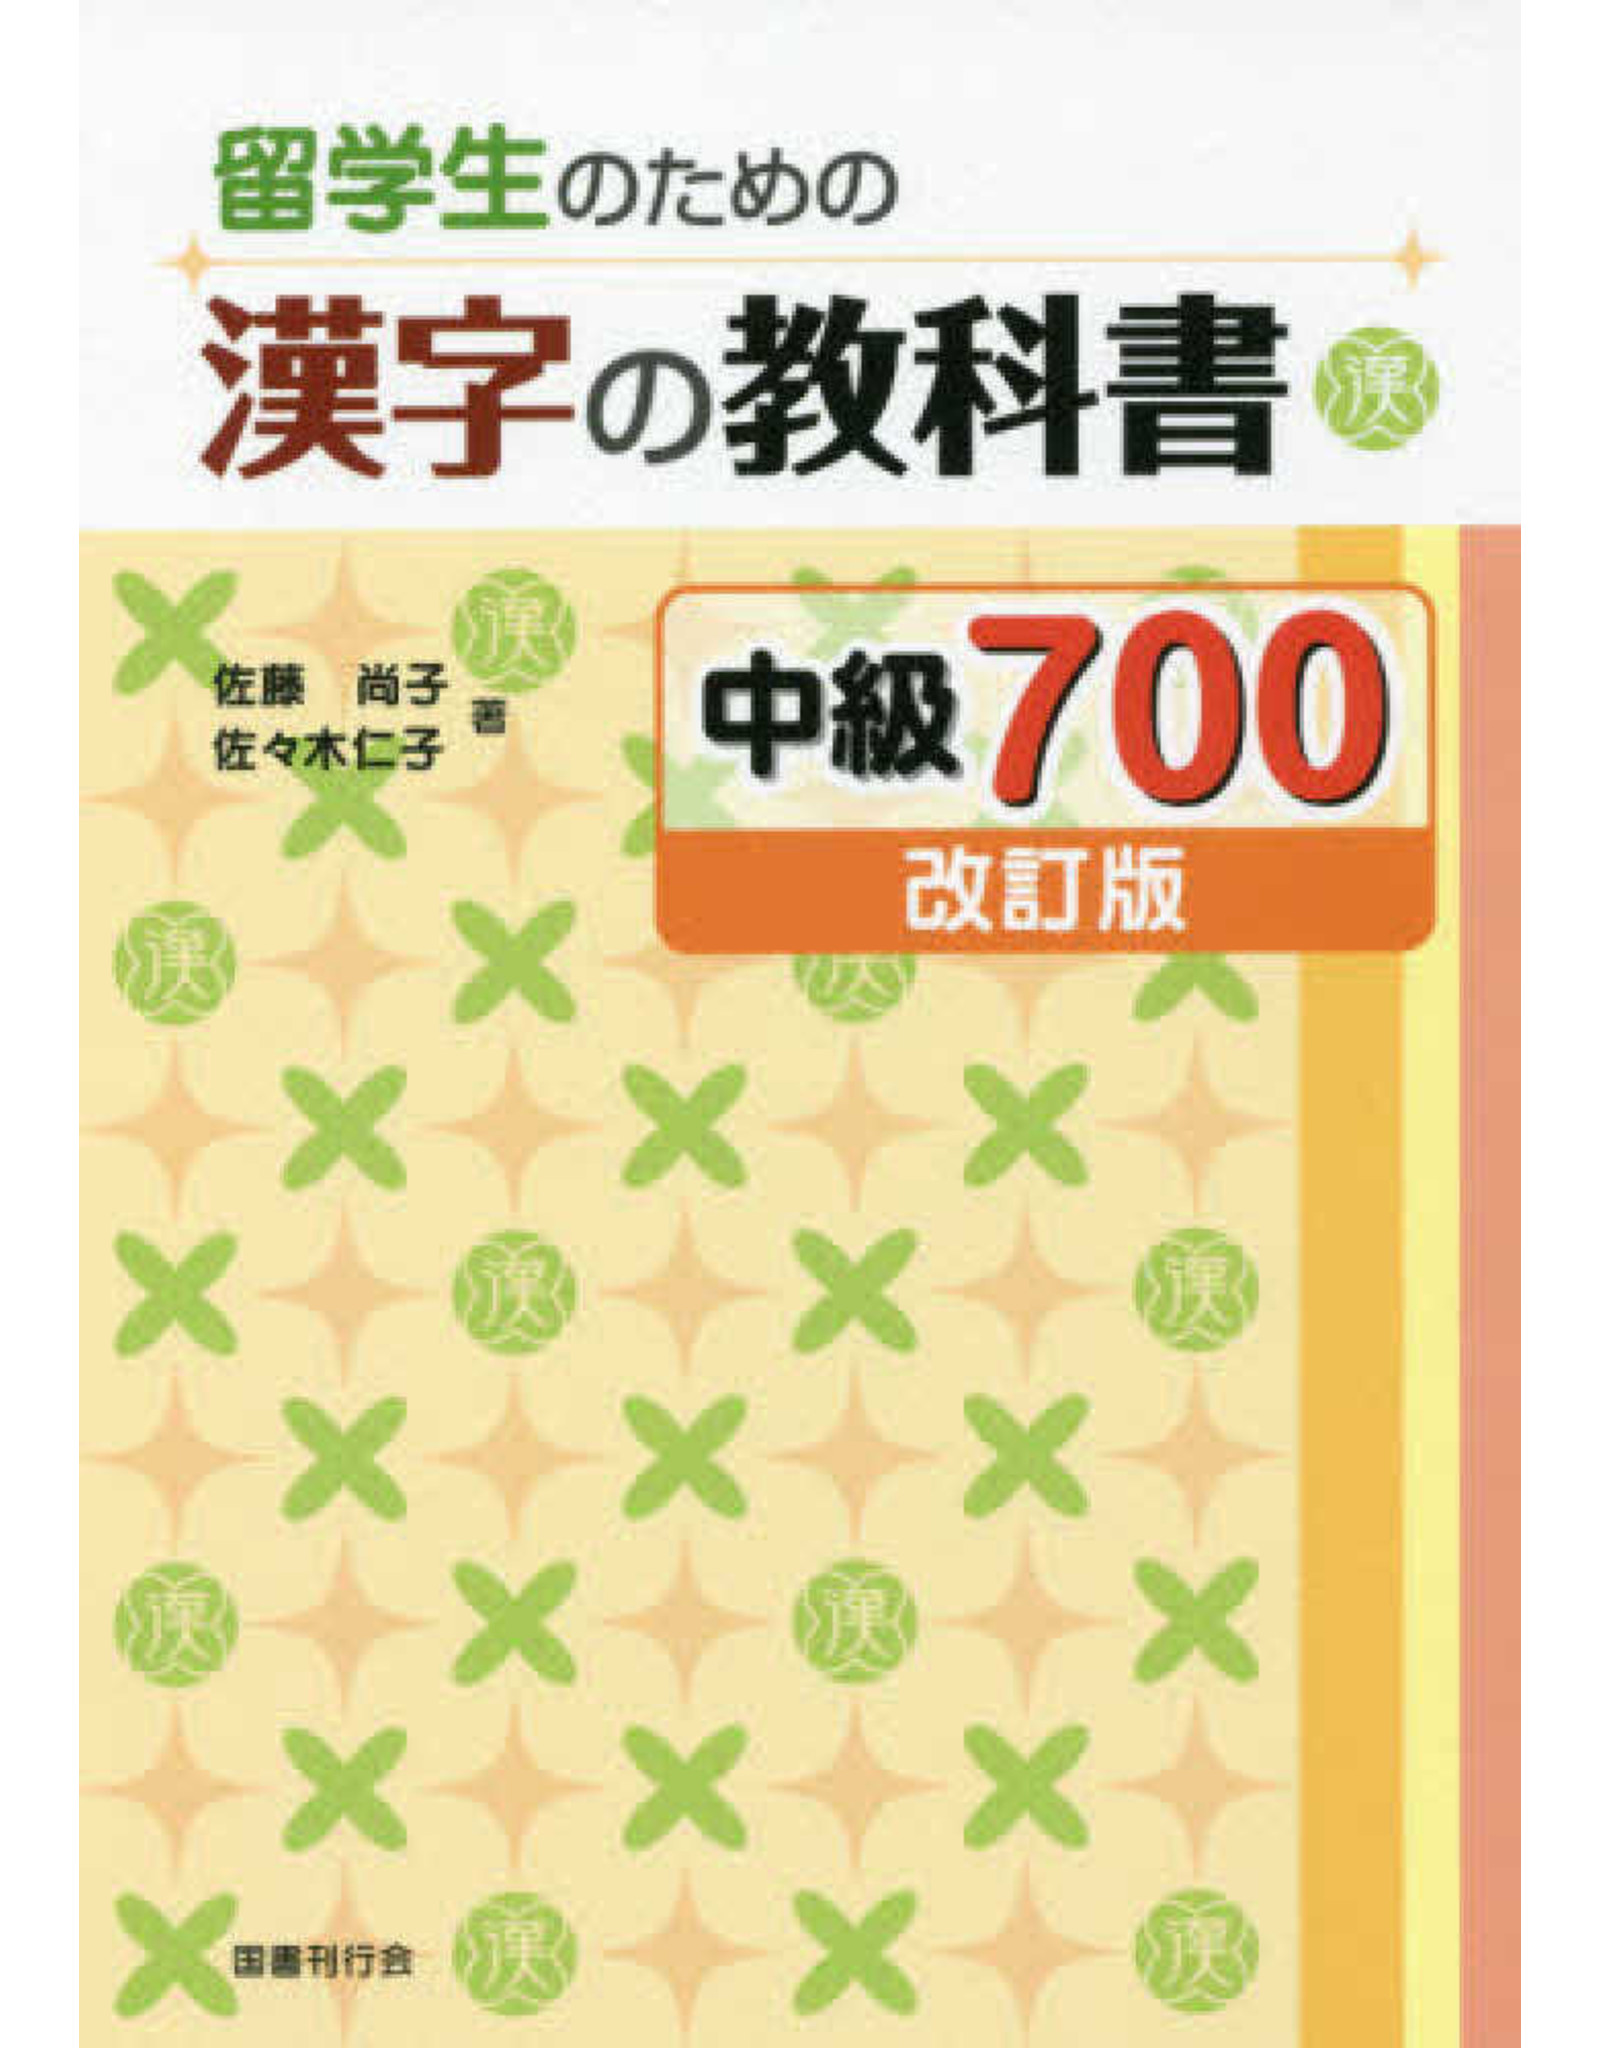 KOKUSHO KANKOKAI RYUGAKUSEI NO TAME NO KANJI NO KYOUKASHO CHUKYU 700